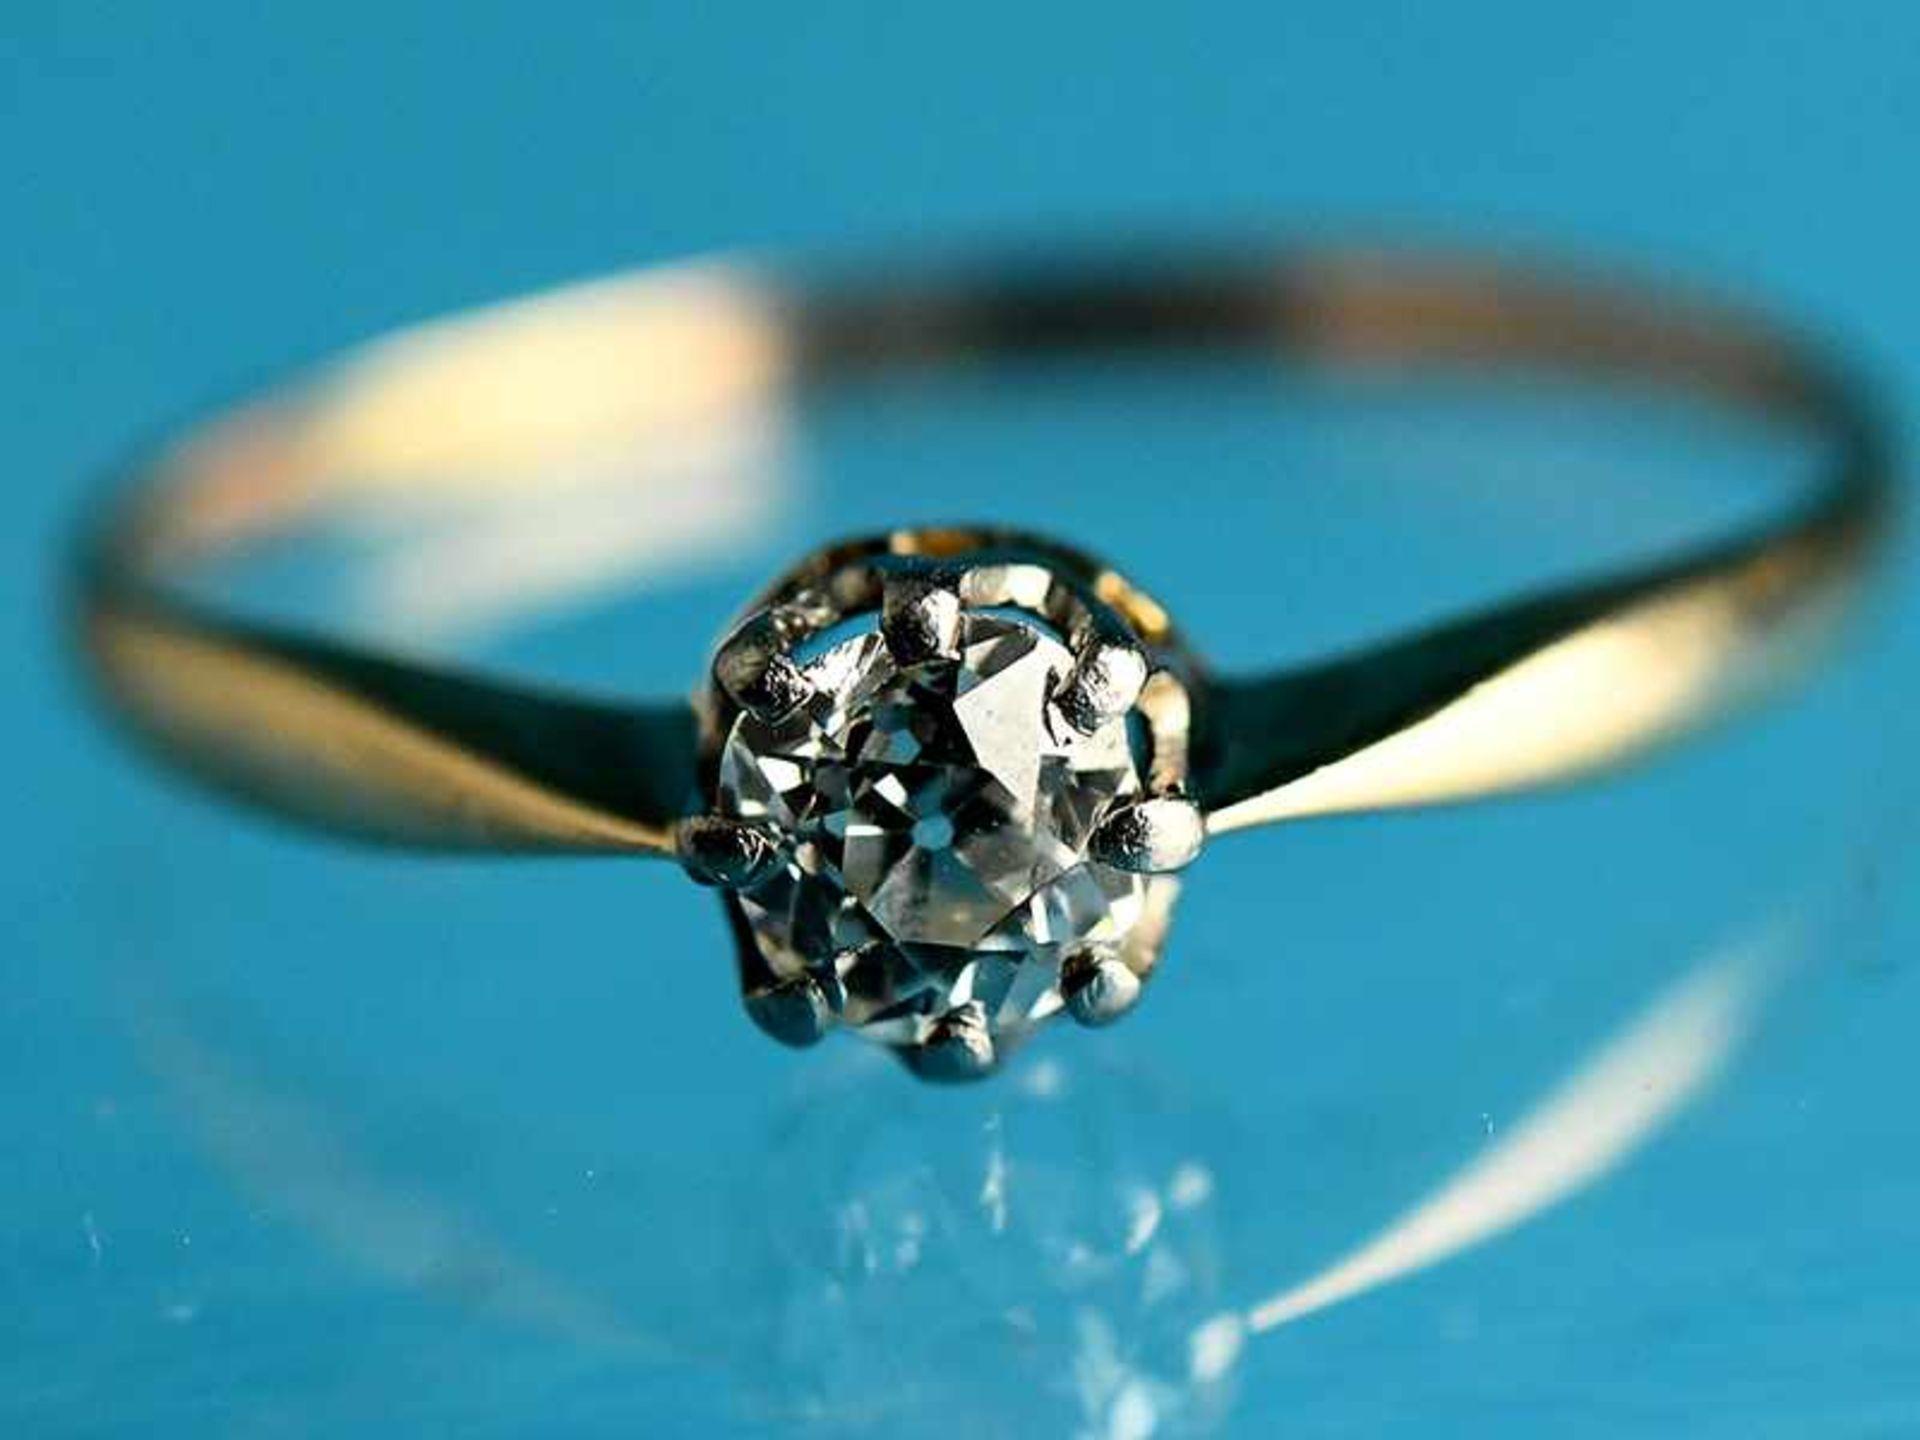 Ring mit Altschliff-Diamant ca. 0,4 ct, Anfang 20. Jh. 585/- Gelb- und Weißgold. Gesamtgewicht ca.